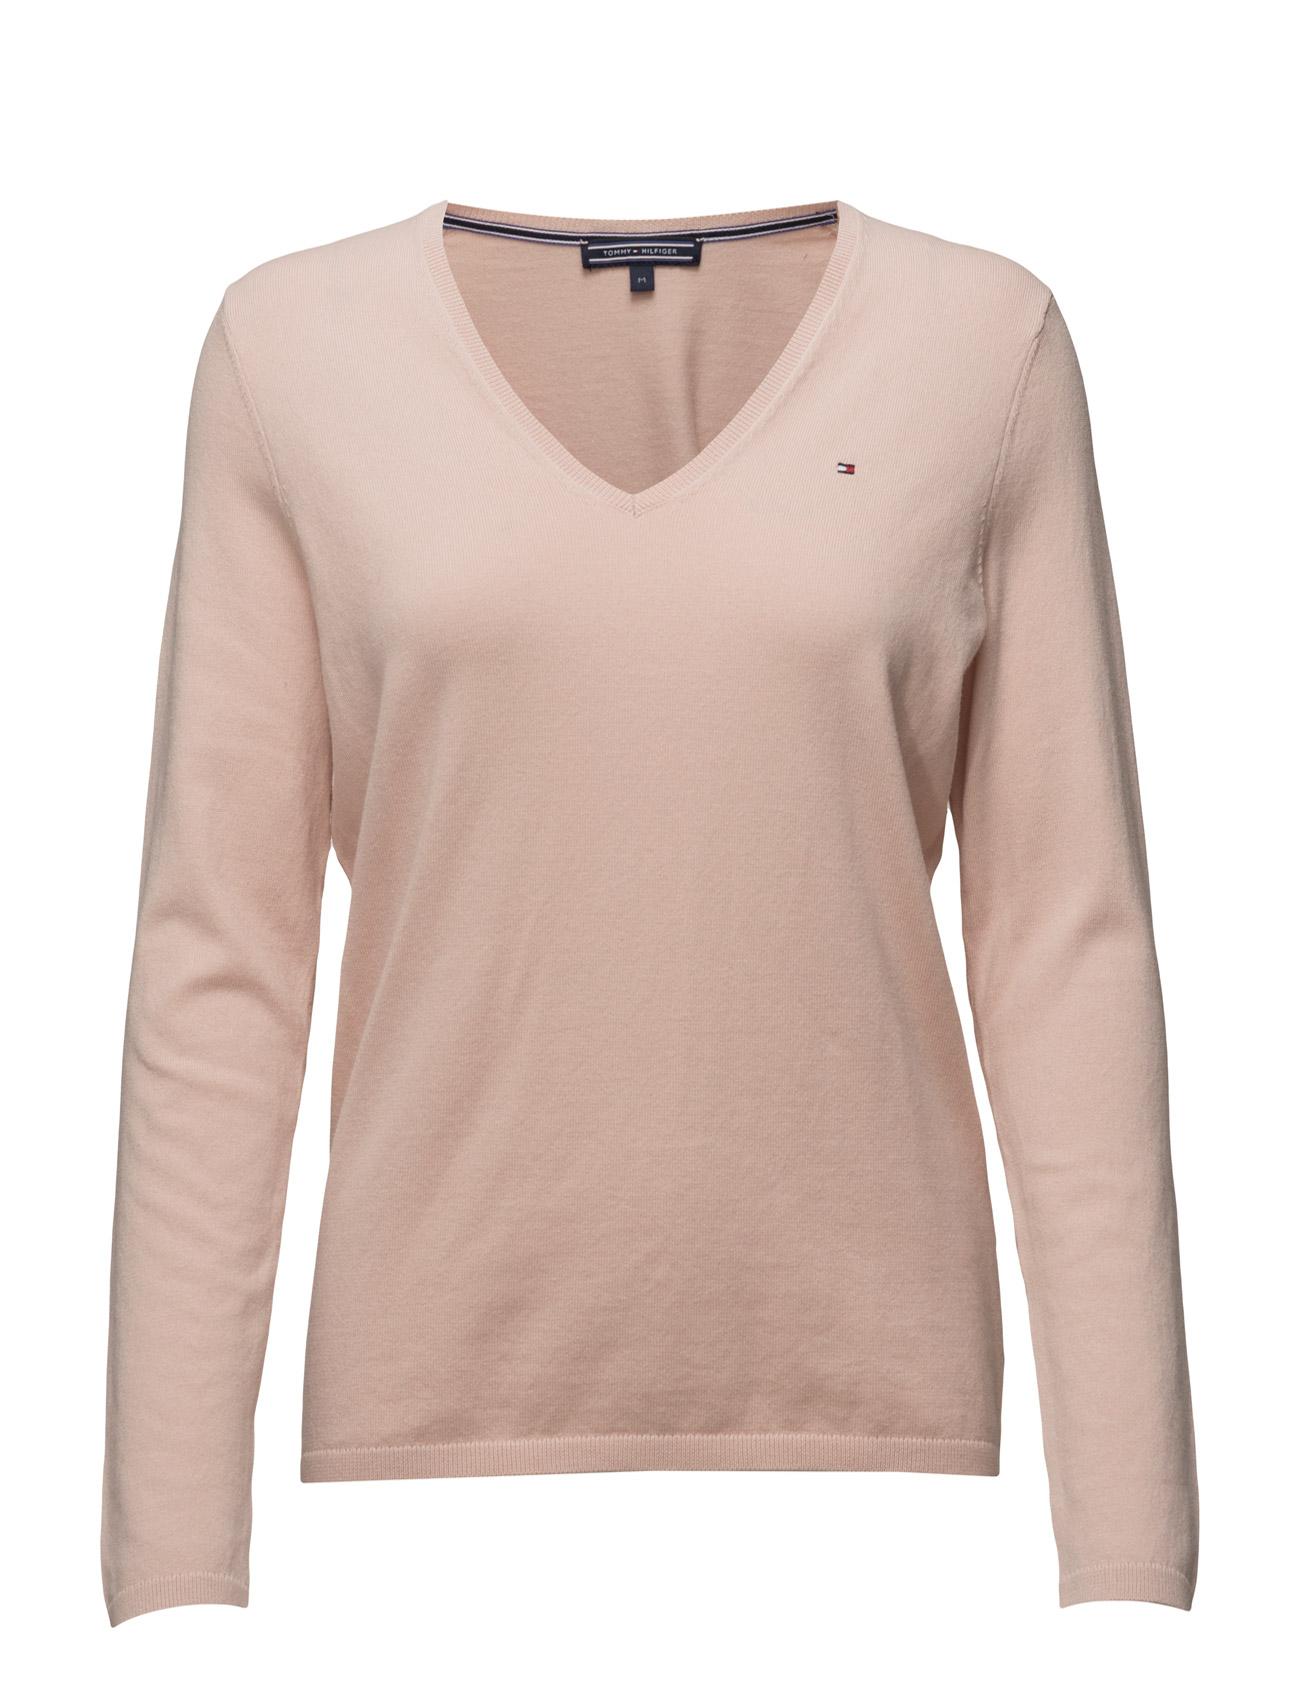 New Ivy V-Nk Swtr Tommy Hilfiger Sweatshirts til Damer i Lyserød